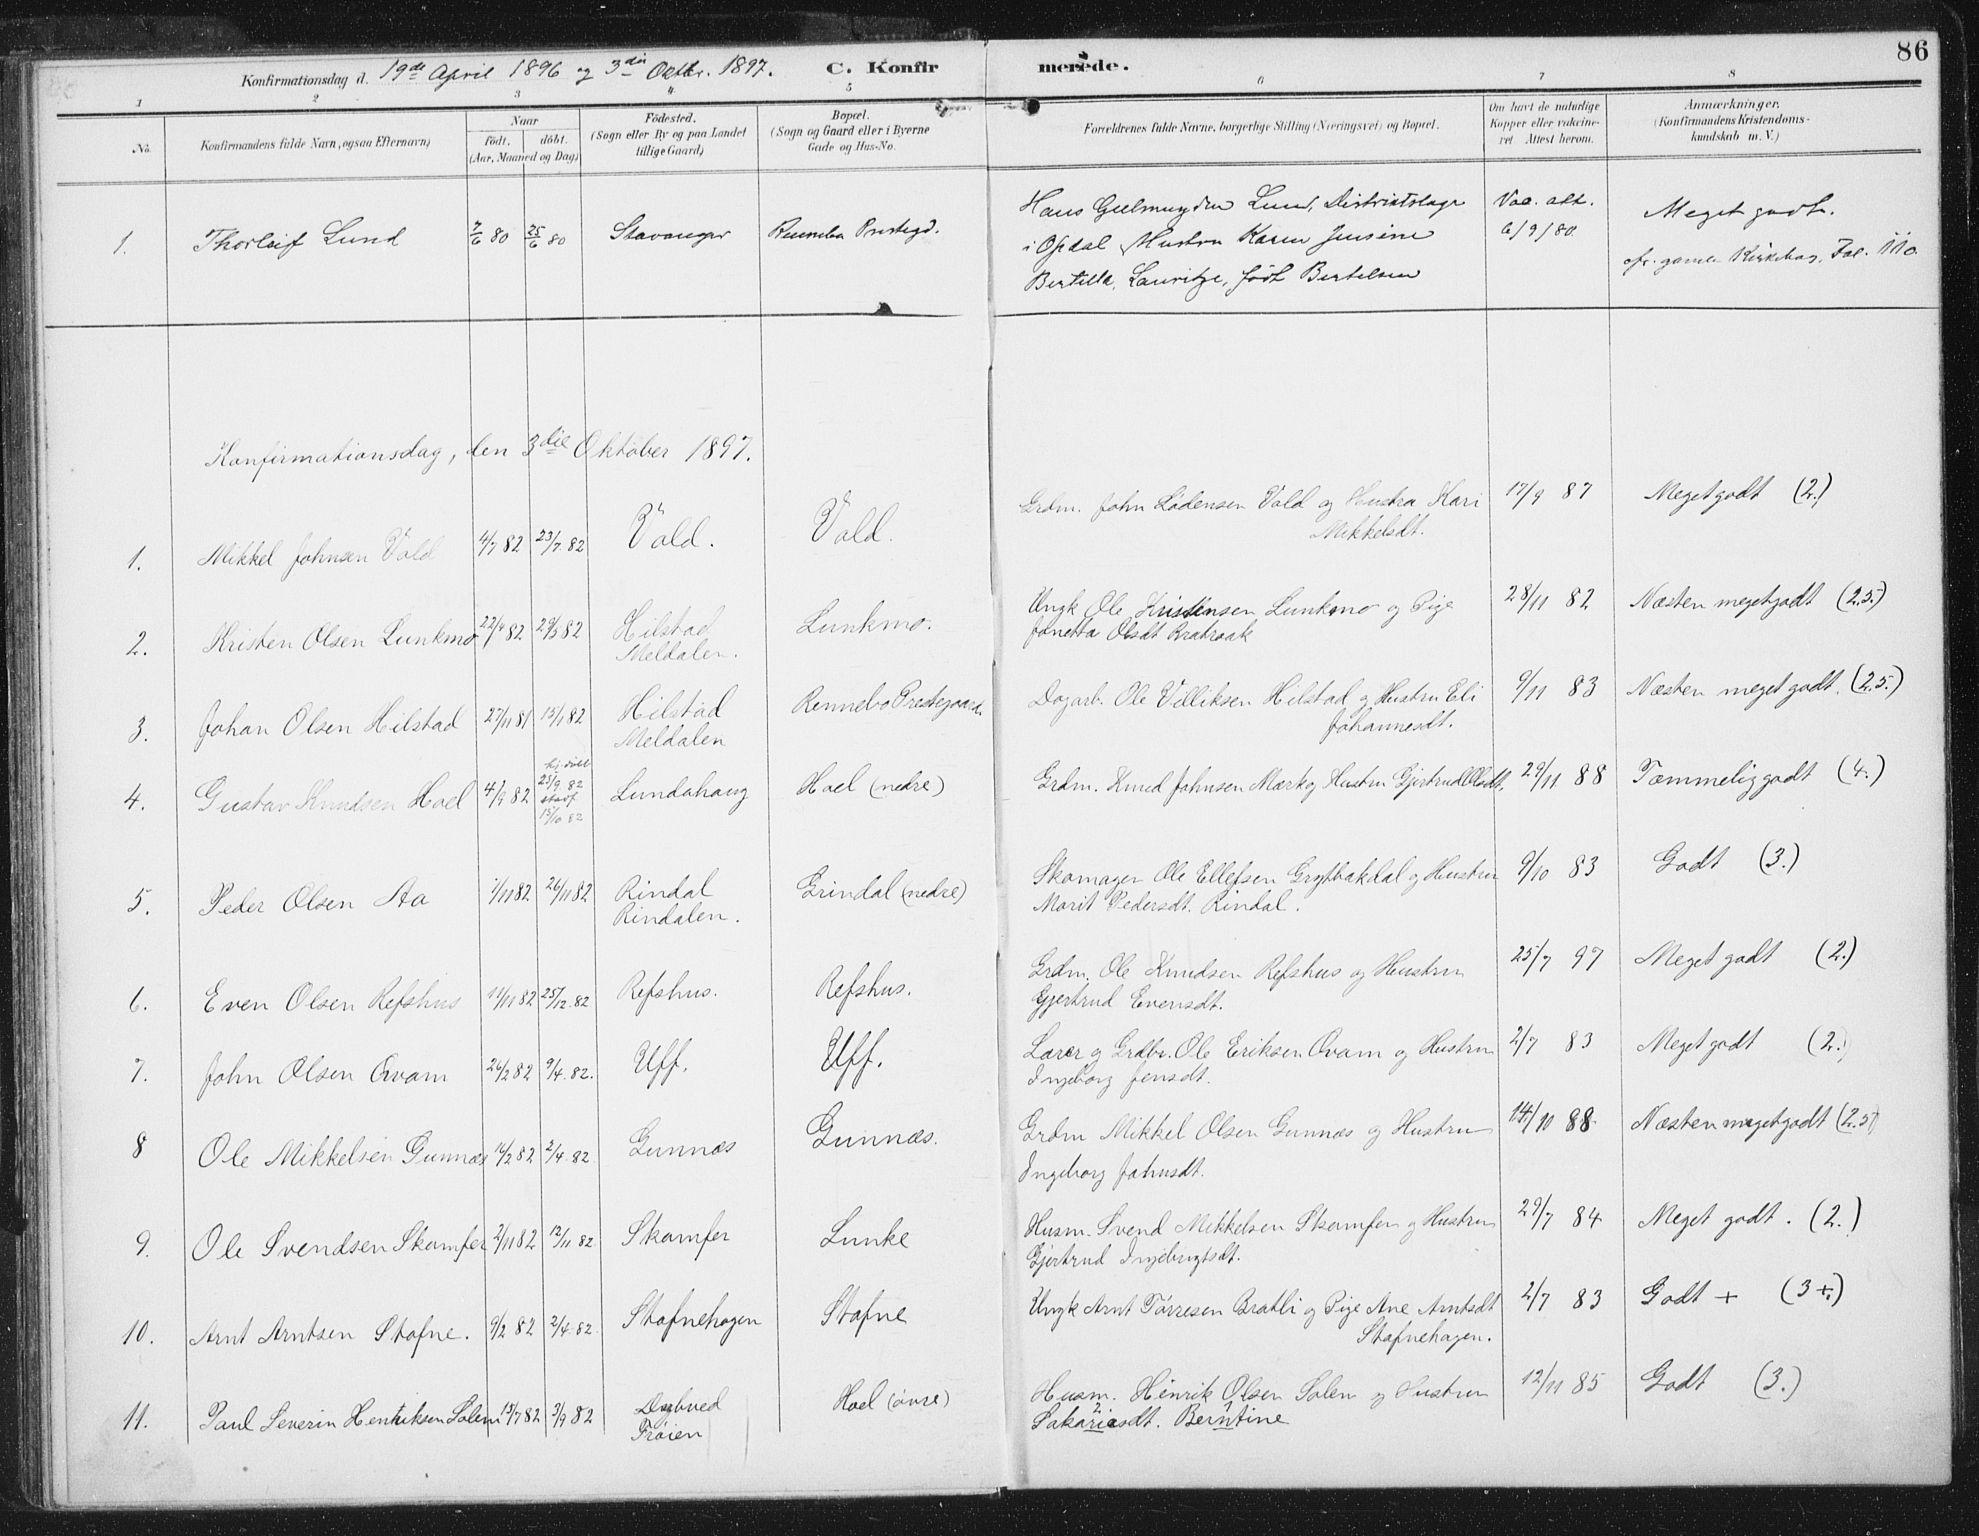 SAT, Ministerialprotokoller, klokkerbøker og fødselsregistre - Sør-Trøndelag, 674/L0872: Ministerialbok nr. 674A04, 1897-1907, s. 86